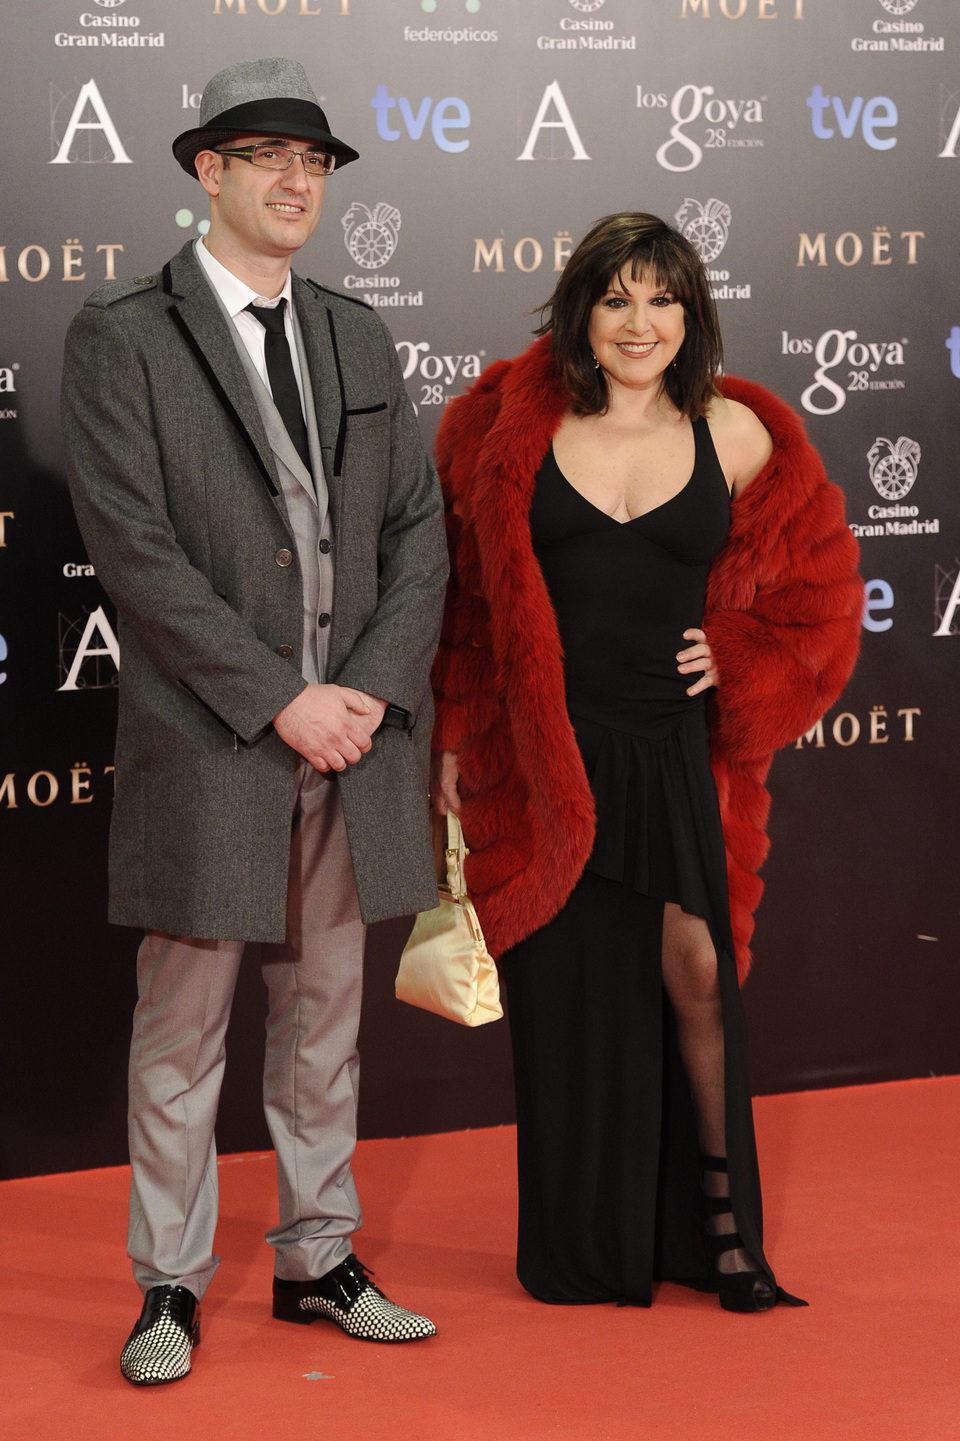 Loles León en la alfombra roja de los Goya 2014